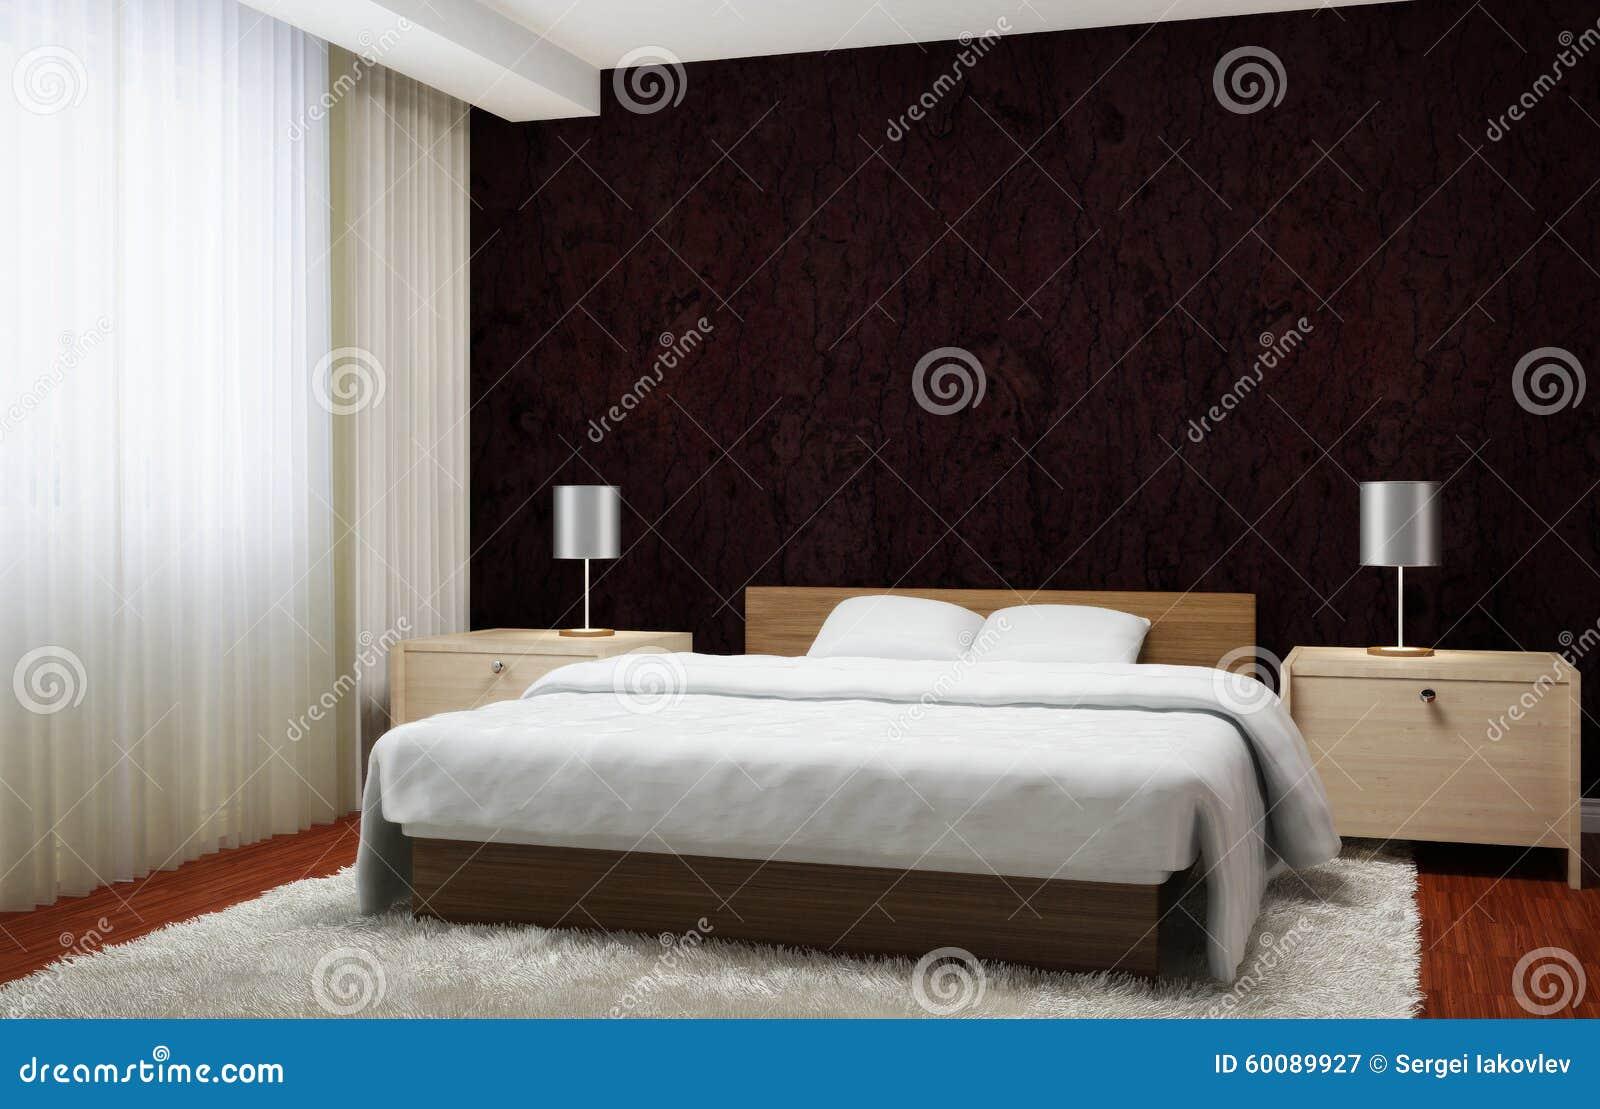 El Interior Del Dormitorio Ejecutado En Marrón Oscuro Entona Con El ...